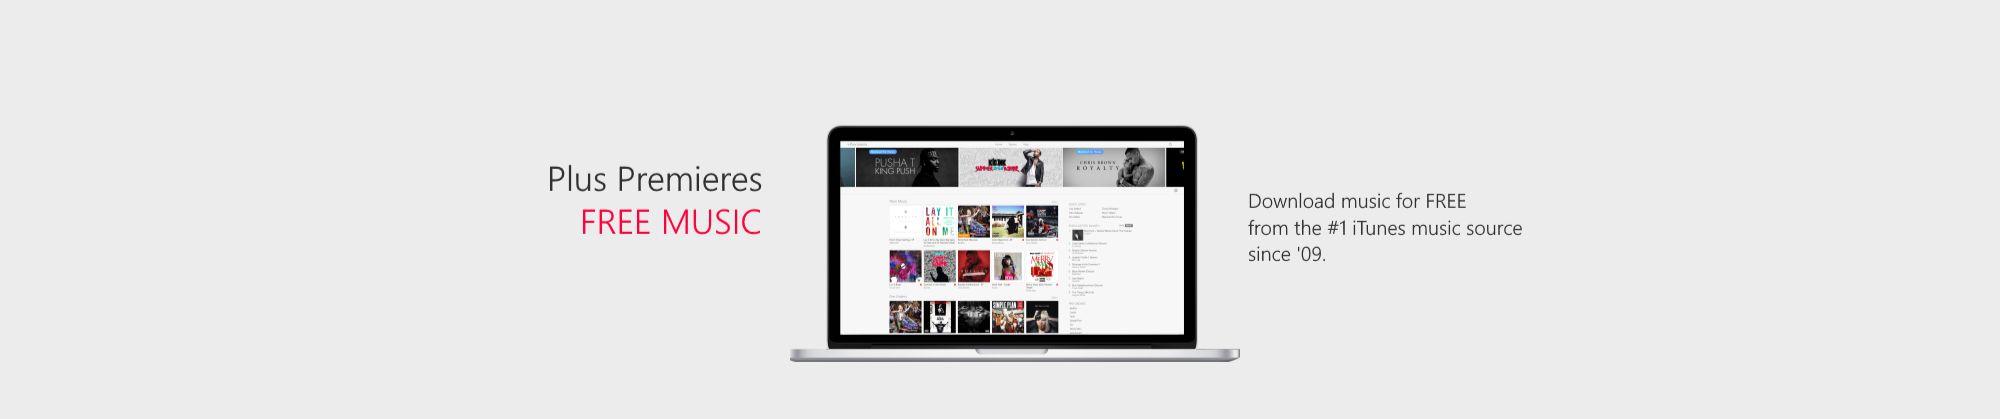 PlusPremieres us | Plus Premieres Us | Free Listening on SoundCloud